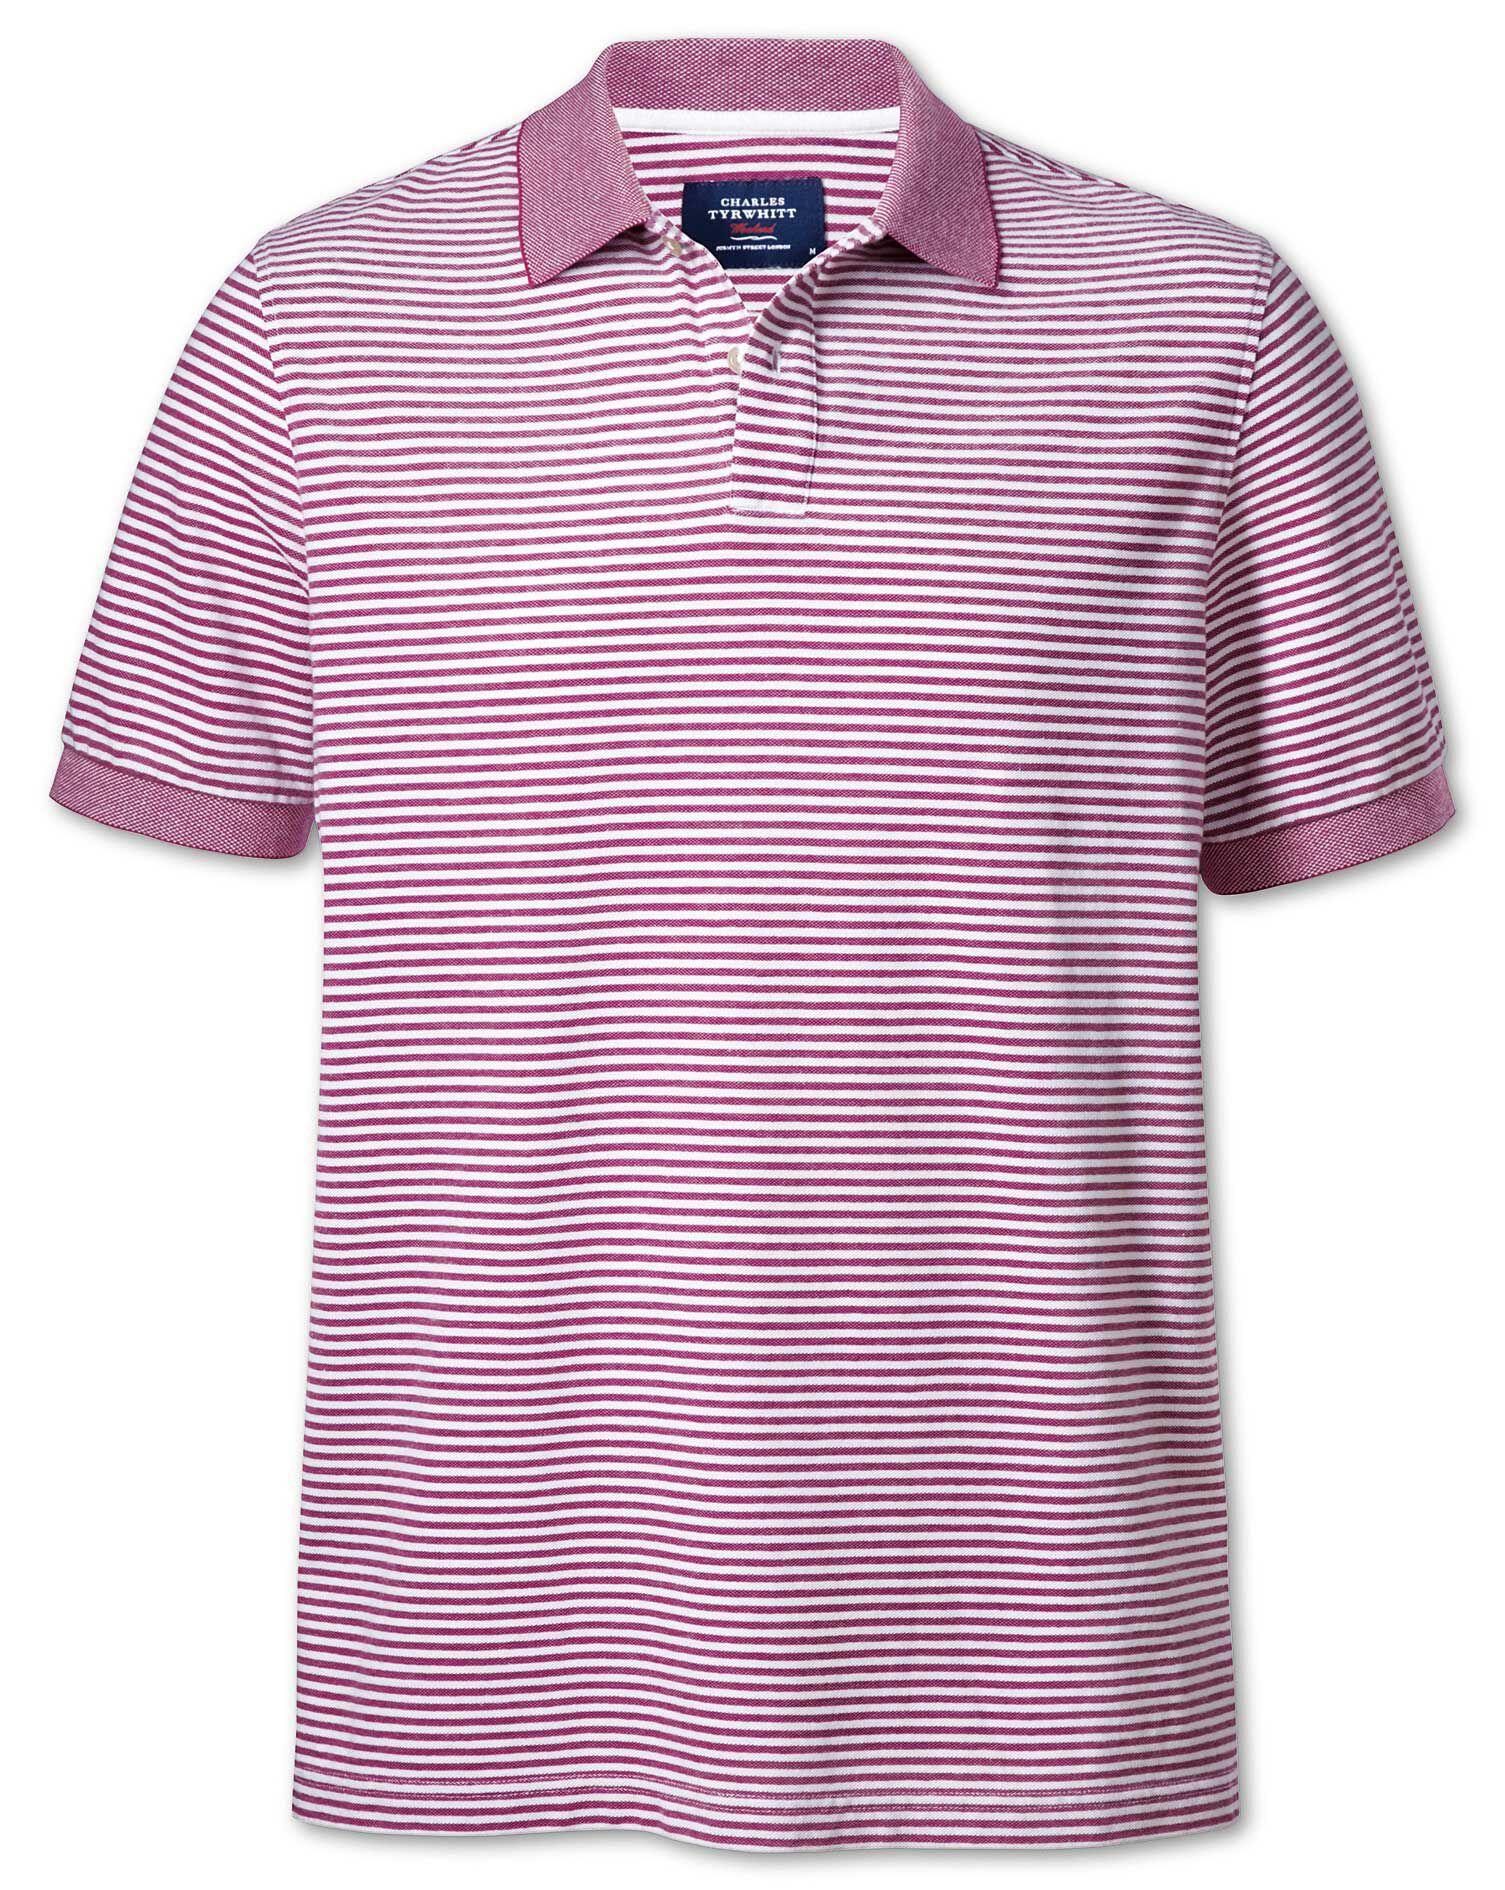 Berry and White Stripe Oxford Cotton Polo Size XXXL by Charles Tyrwhitt